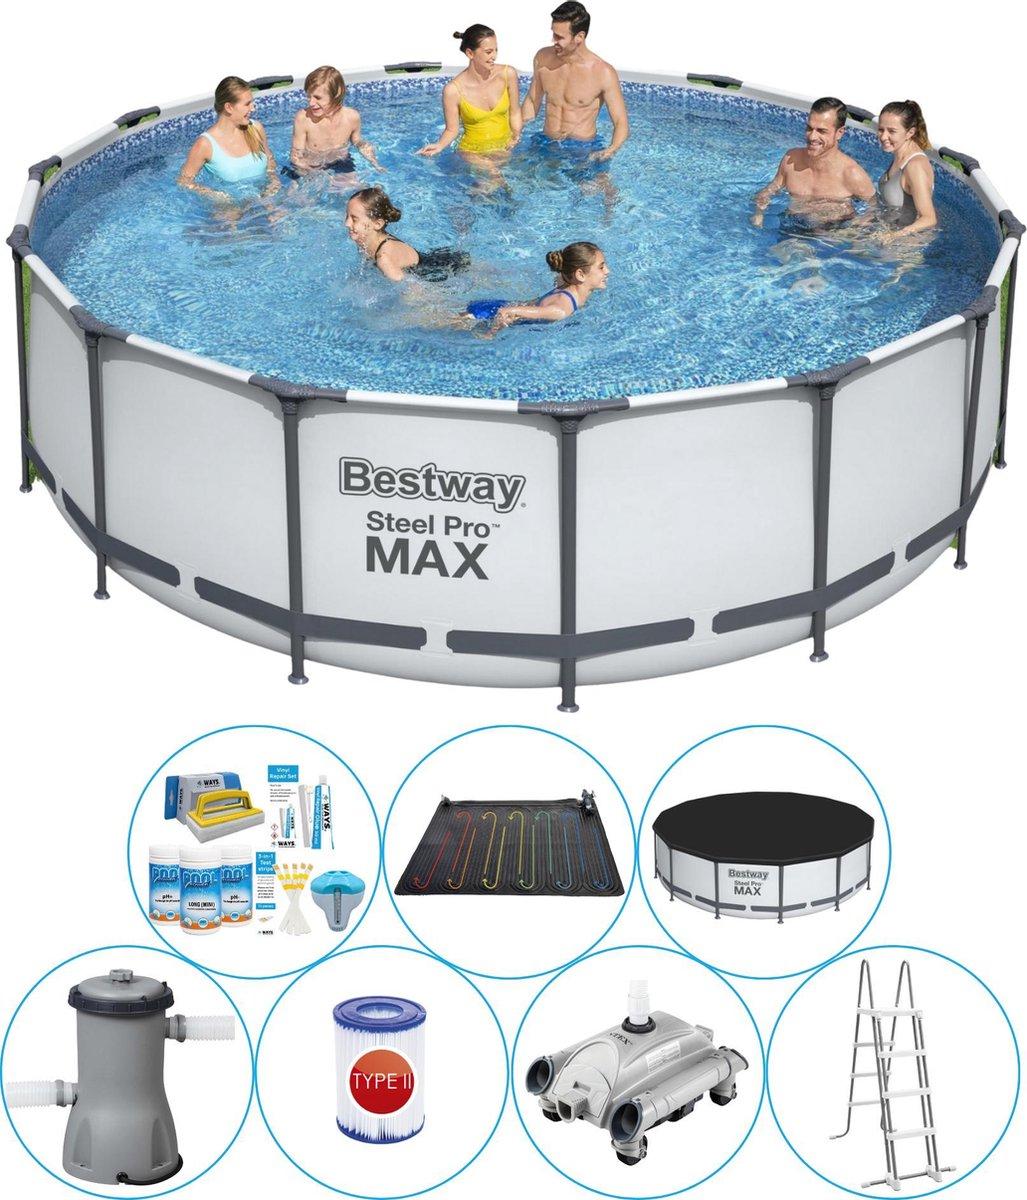 Bestway Steel Pro MAX Rond 457x122 cm - Zwembad Inclusief Accessoires